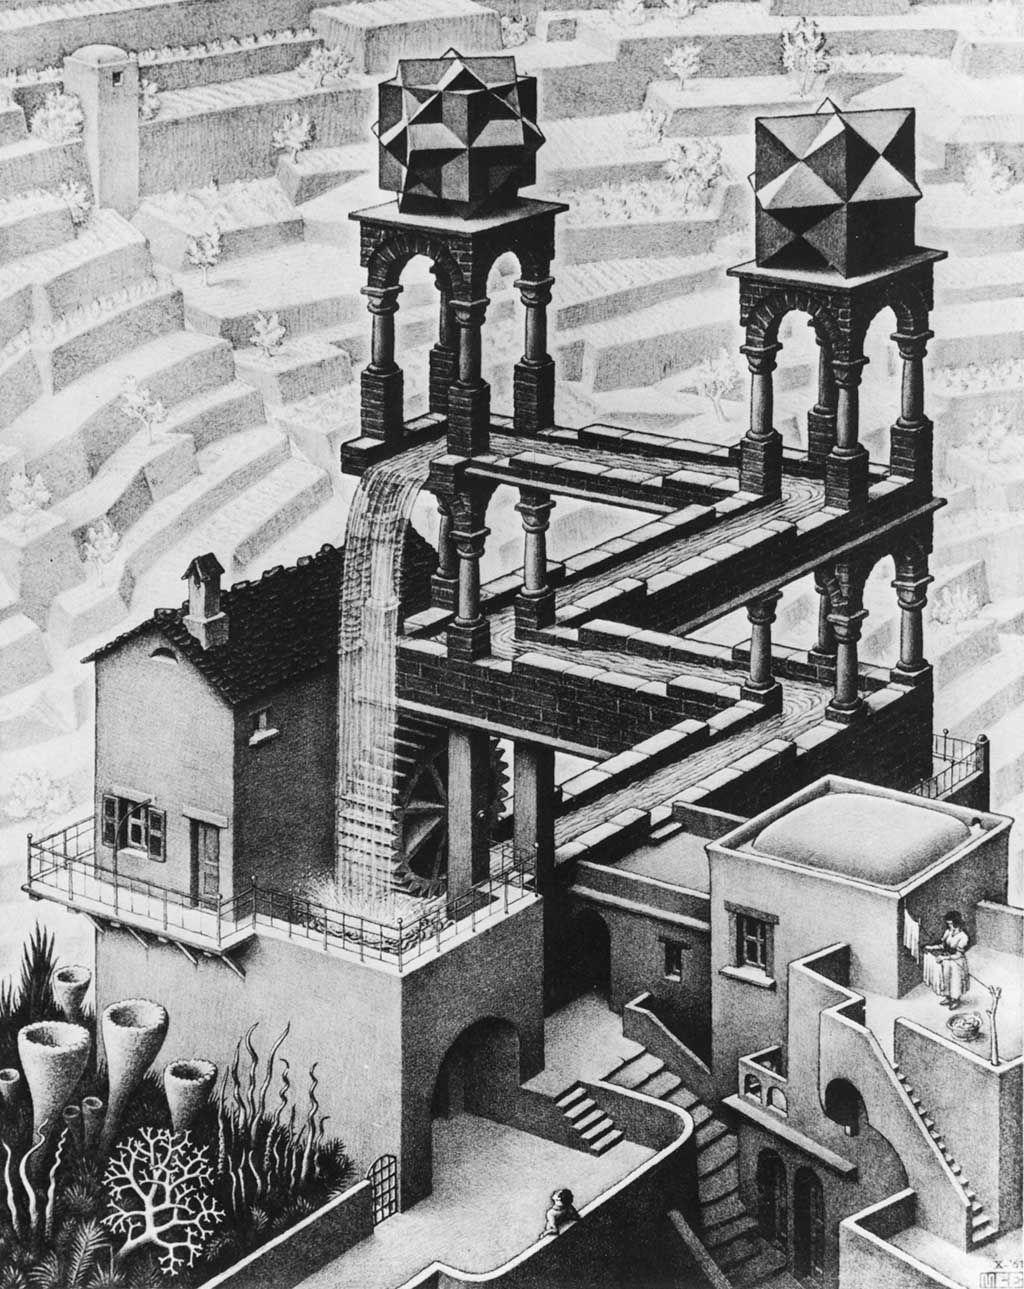 M.C. Escher: Waterfall (1961) | ART | Pinterest | Wasserfall ...